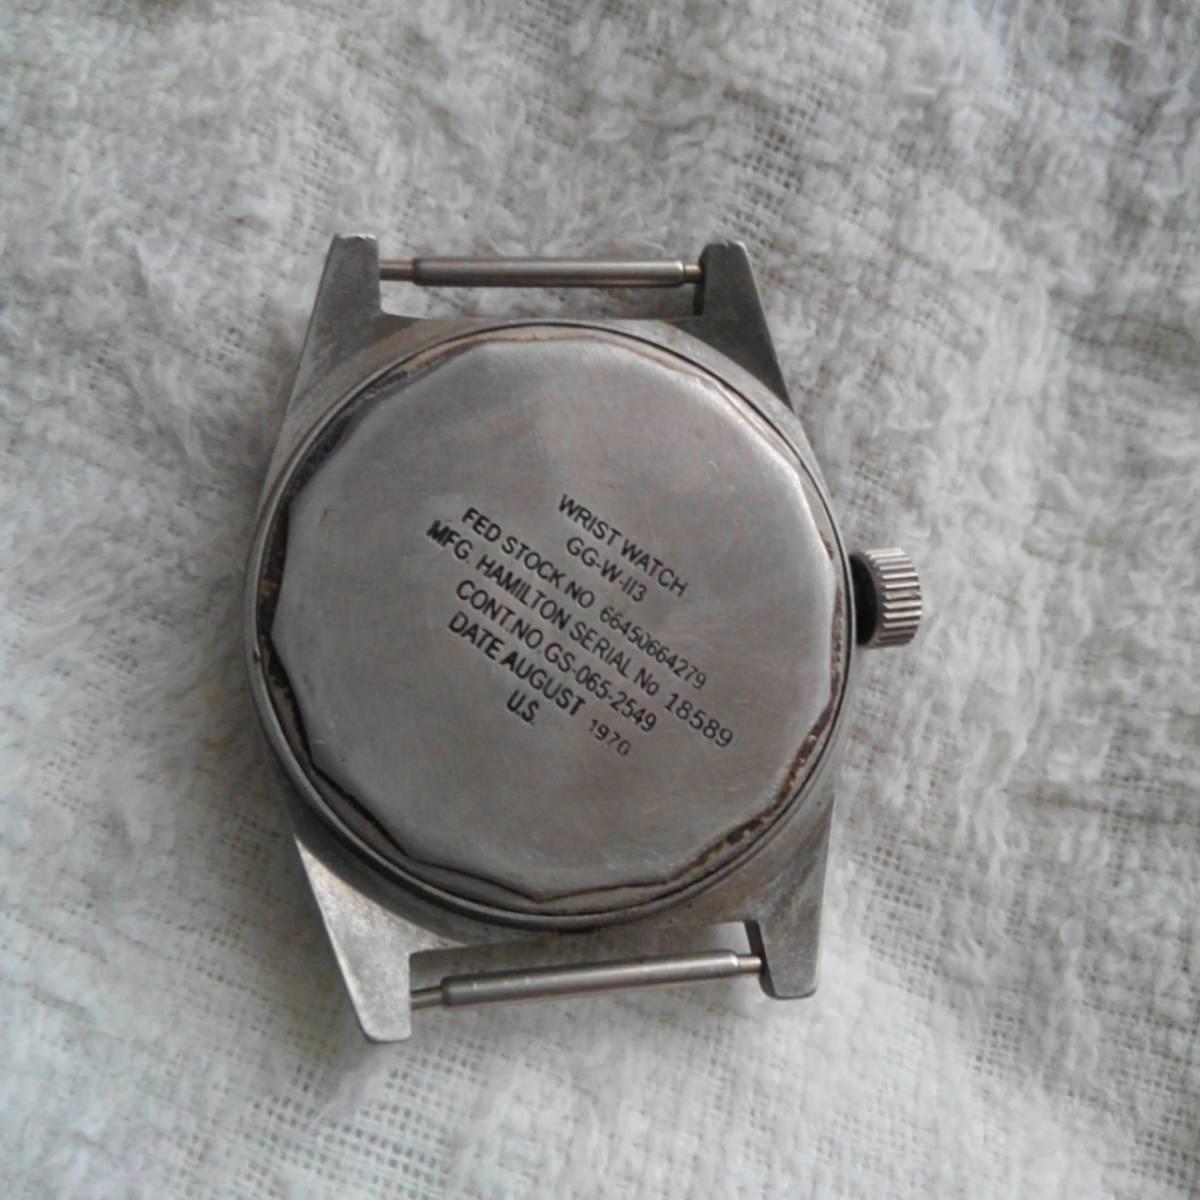 ハミルトン 手巻き 腕時計 1970年製_画像2